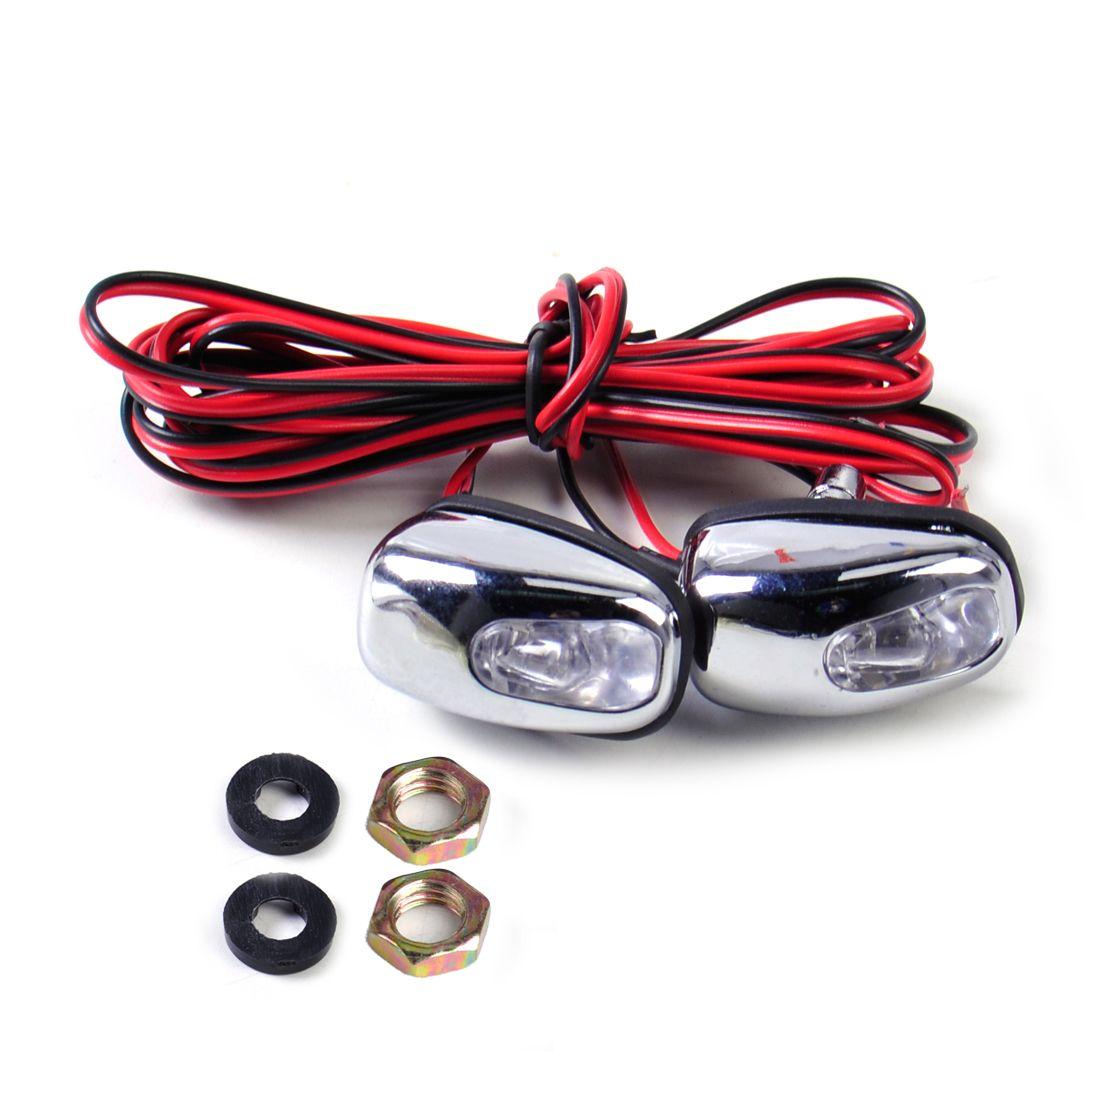 Beler Универсальный 2 шт. светодиодный свет лампы Омыватель стеклоочистителей струи воды форсунки носик стеклоочиститель глаз для Mercedes audi toyota